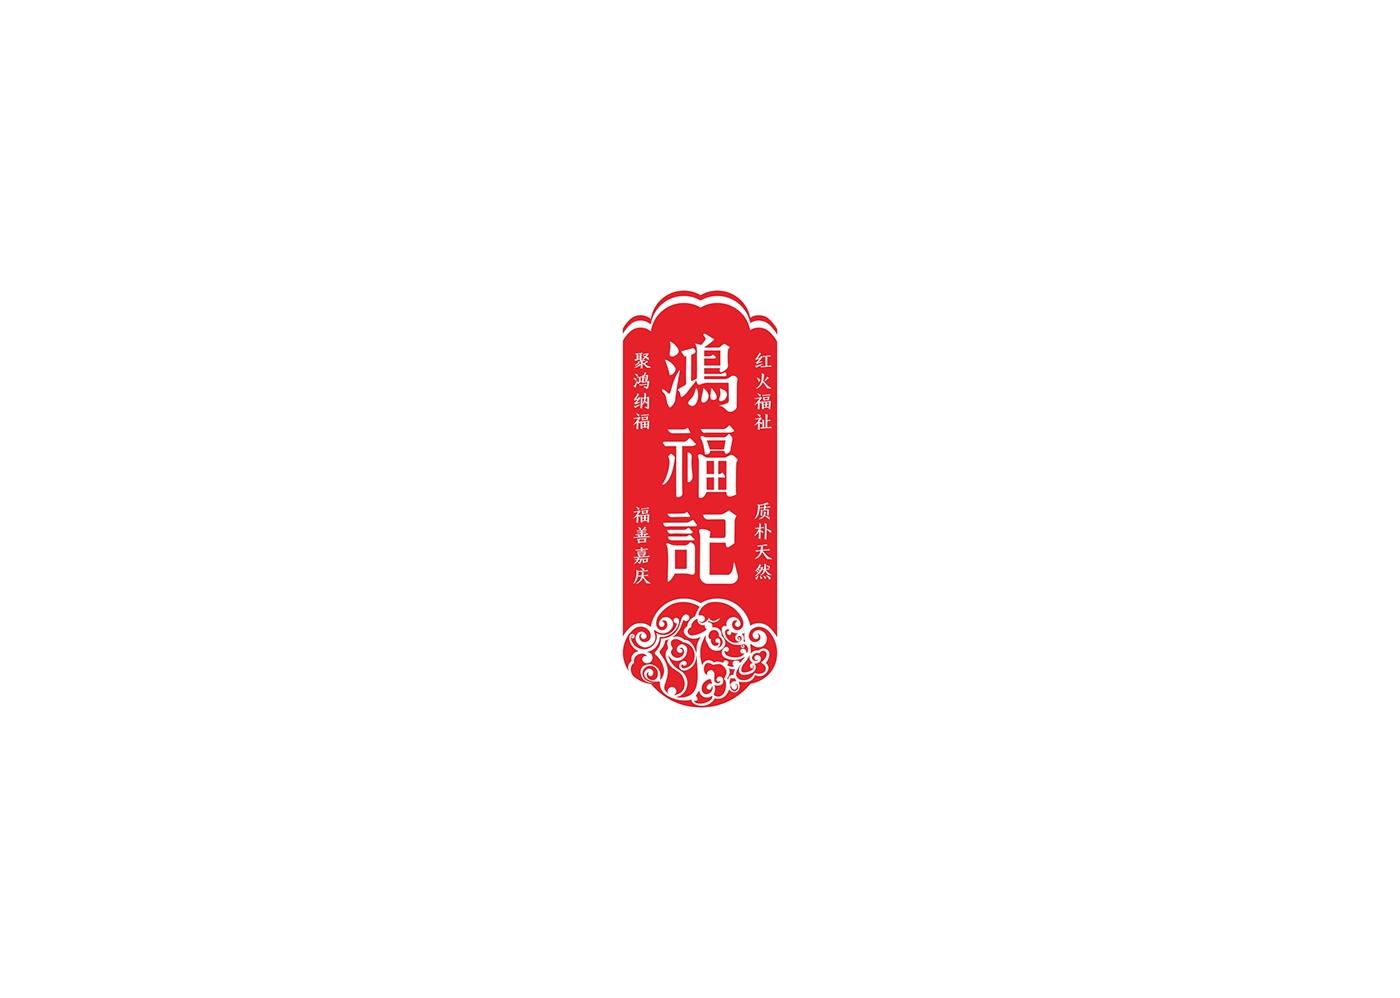 chai-kunpeng-hongfuji-branding-hisheji (30)